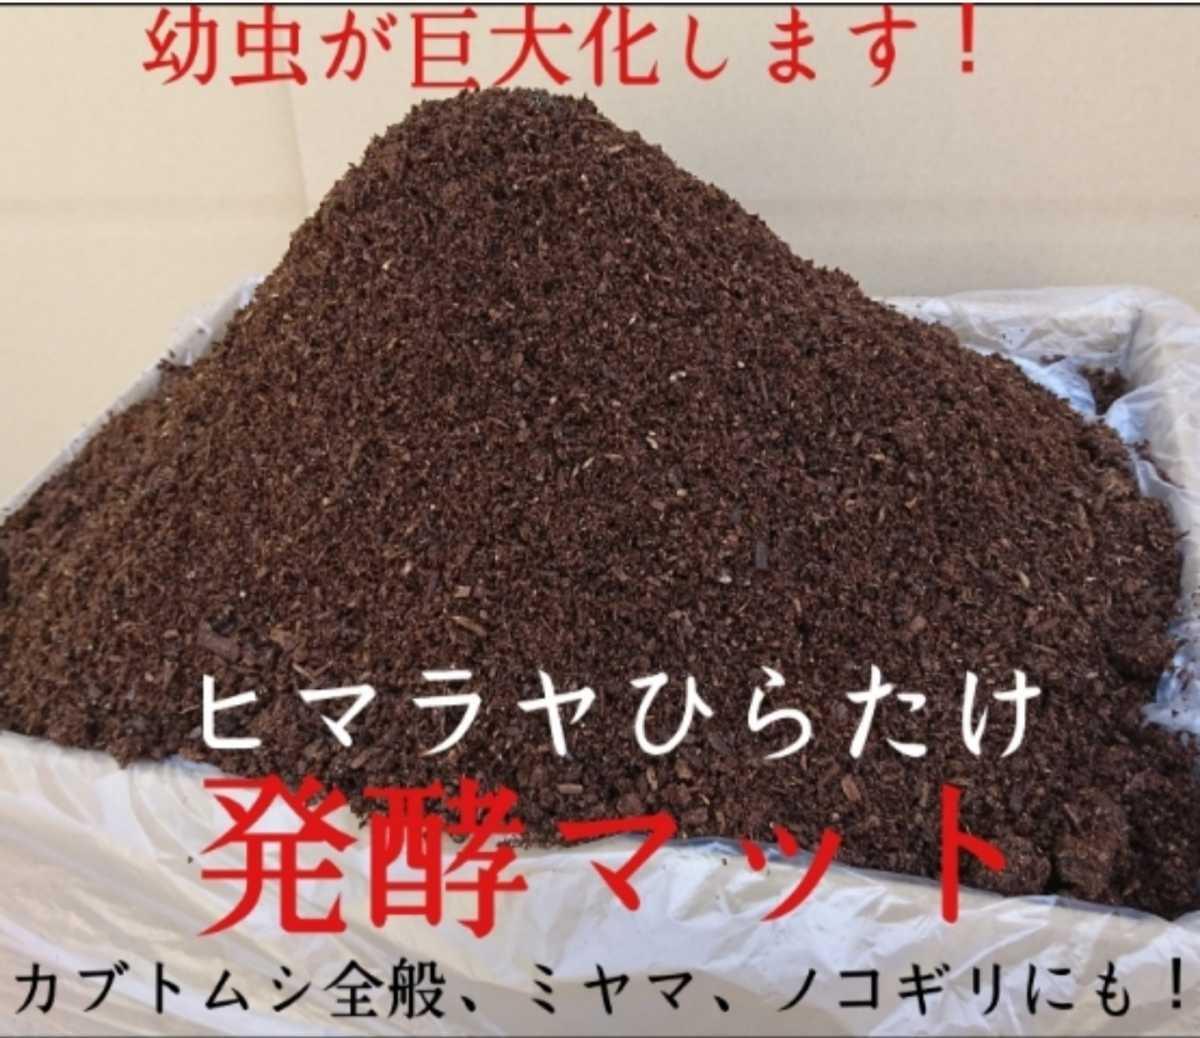 幼虫が巨大化します!ヒマラヤひらたけ菌床発酵カブトムシマット!栄養価抜群!クヌギ100%原料使用 産卵マットにも効果絶大!ガス抜き不要_画像2